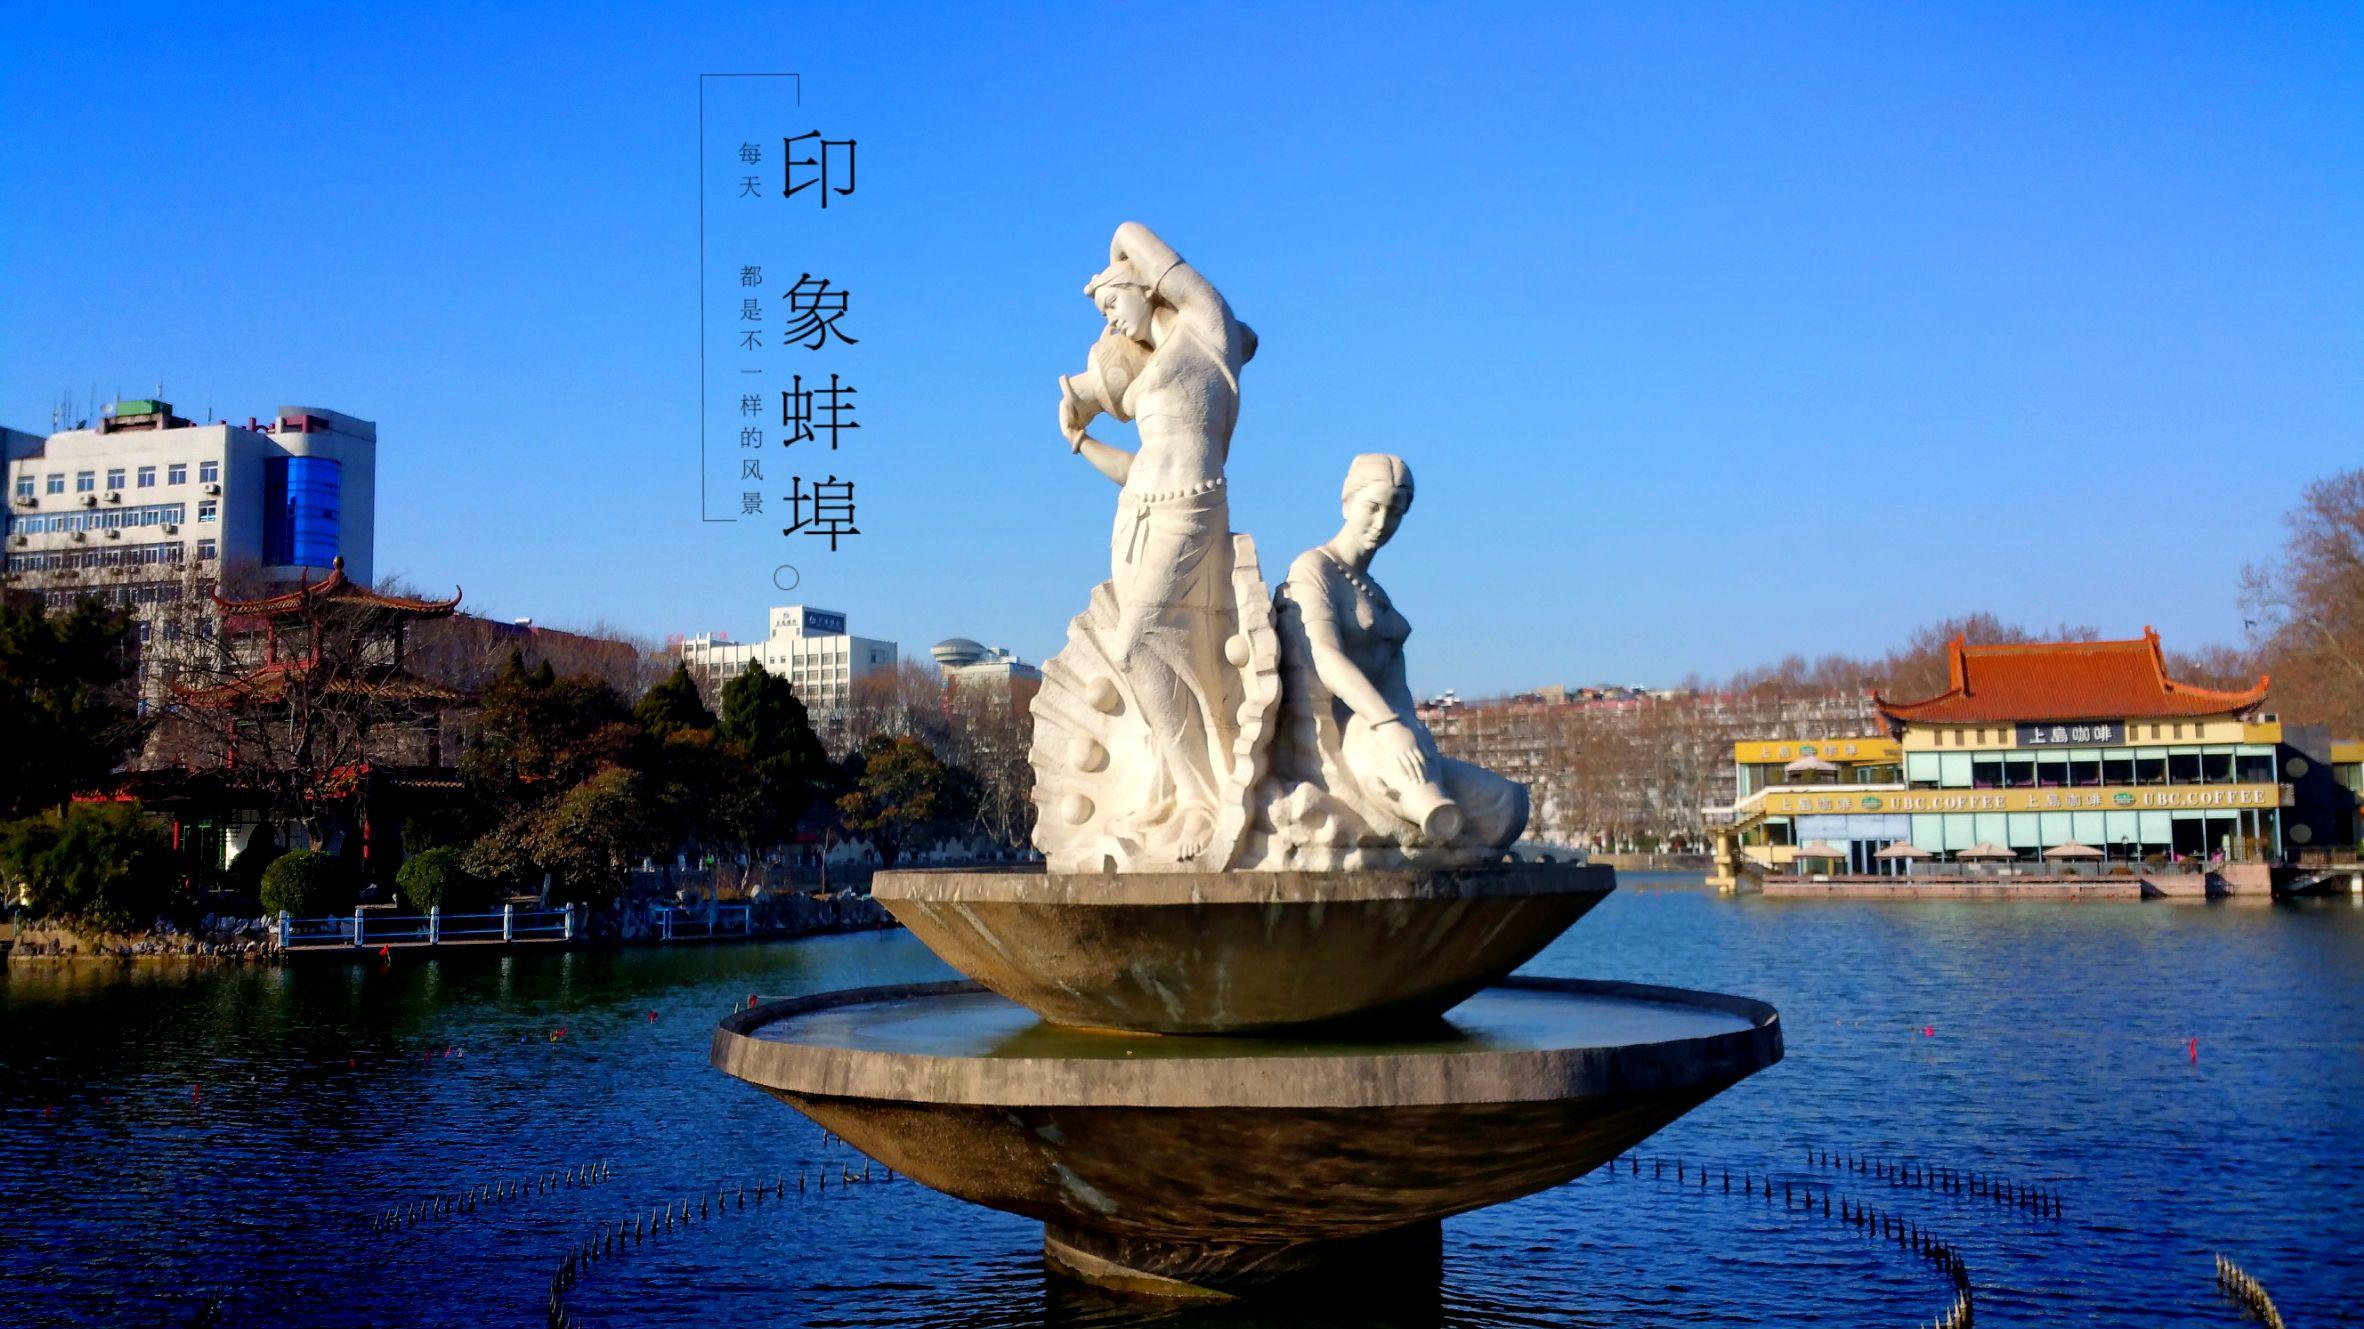 2017年8月蚌埠各区房价钱柜娱乐777官方网站首页,蚌山区房价为7515元/㎡龙子山区房价上涨